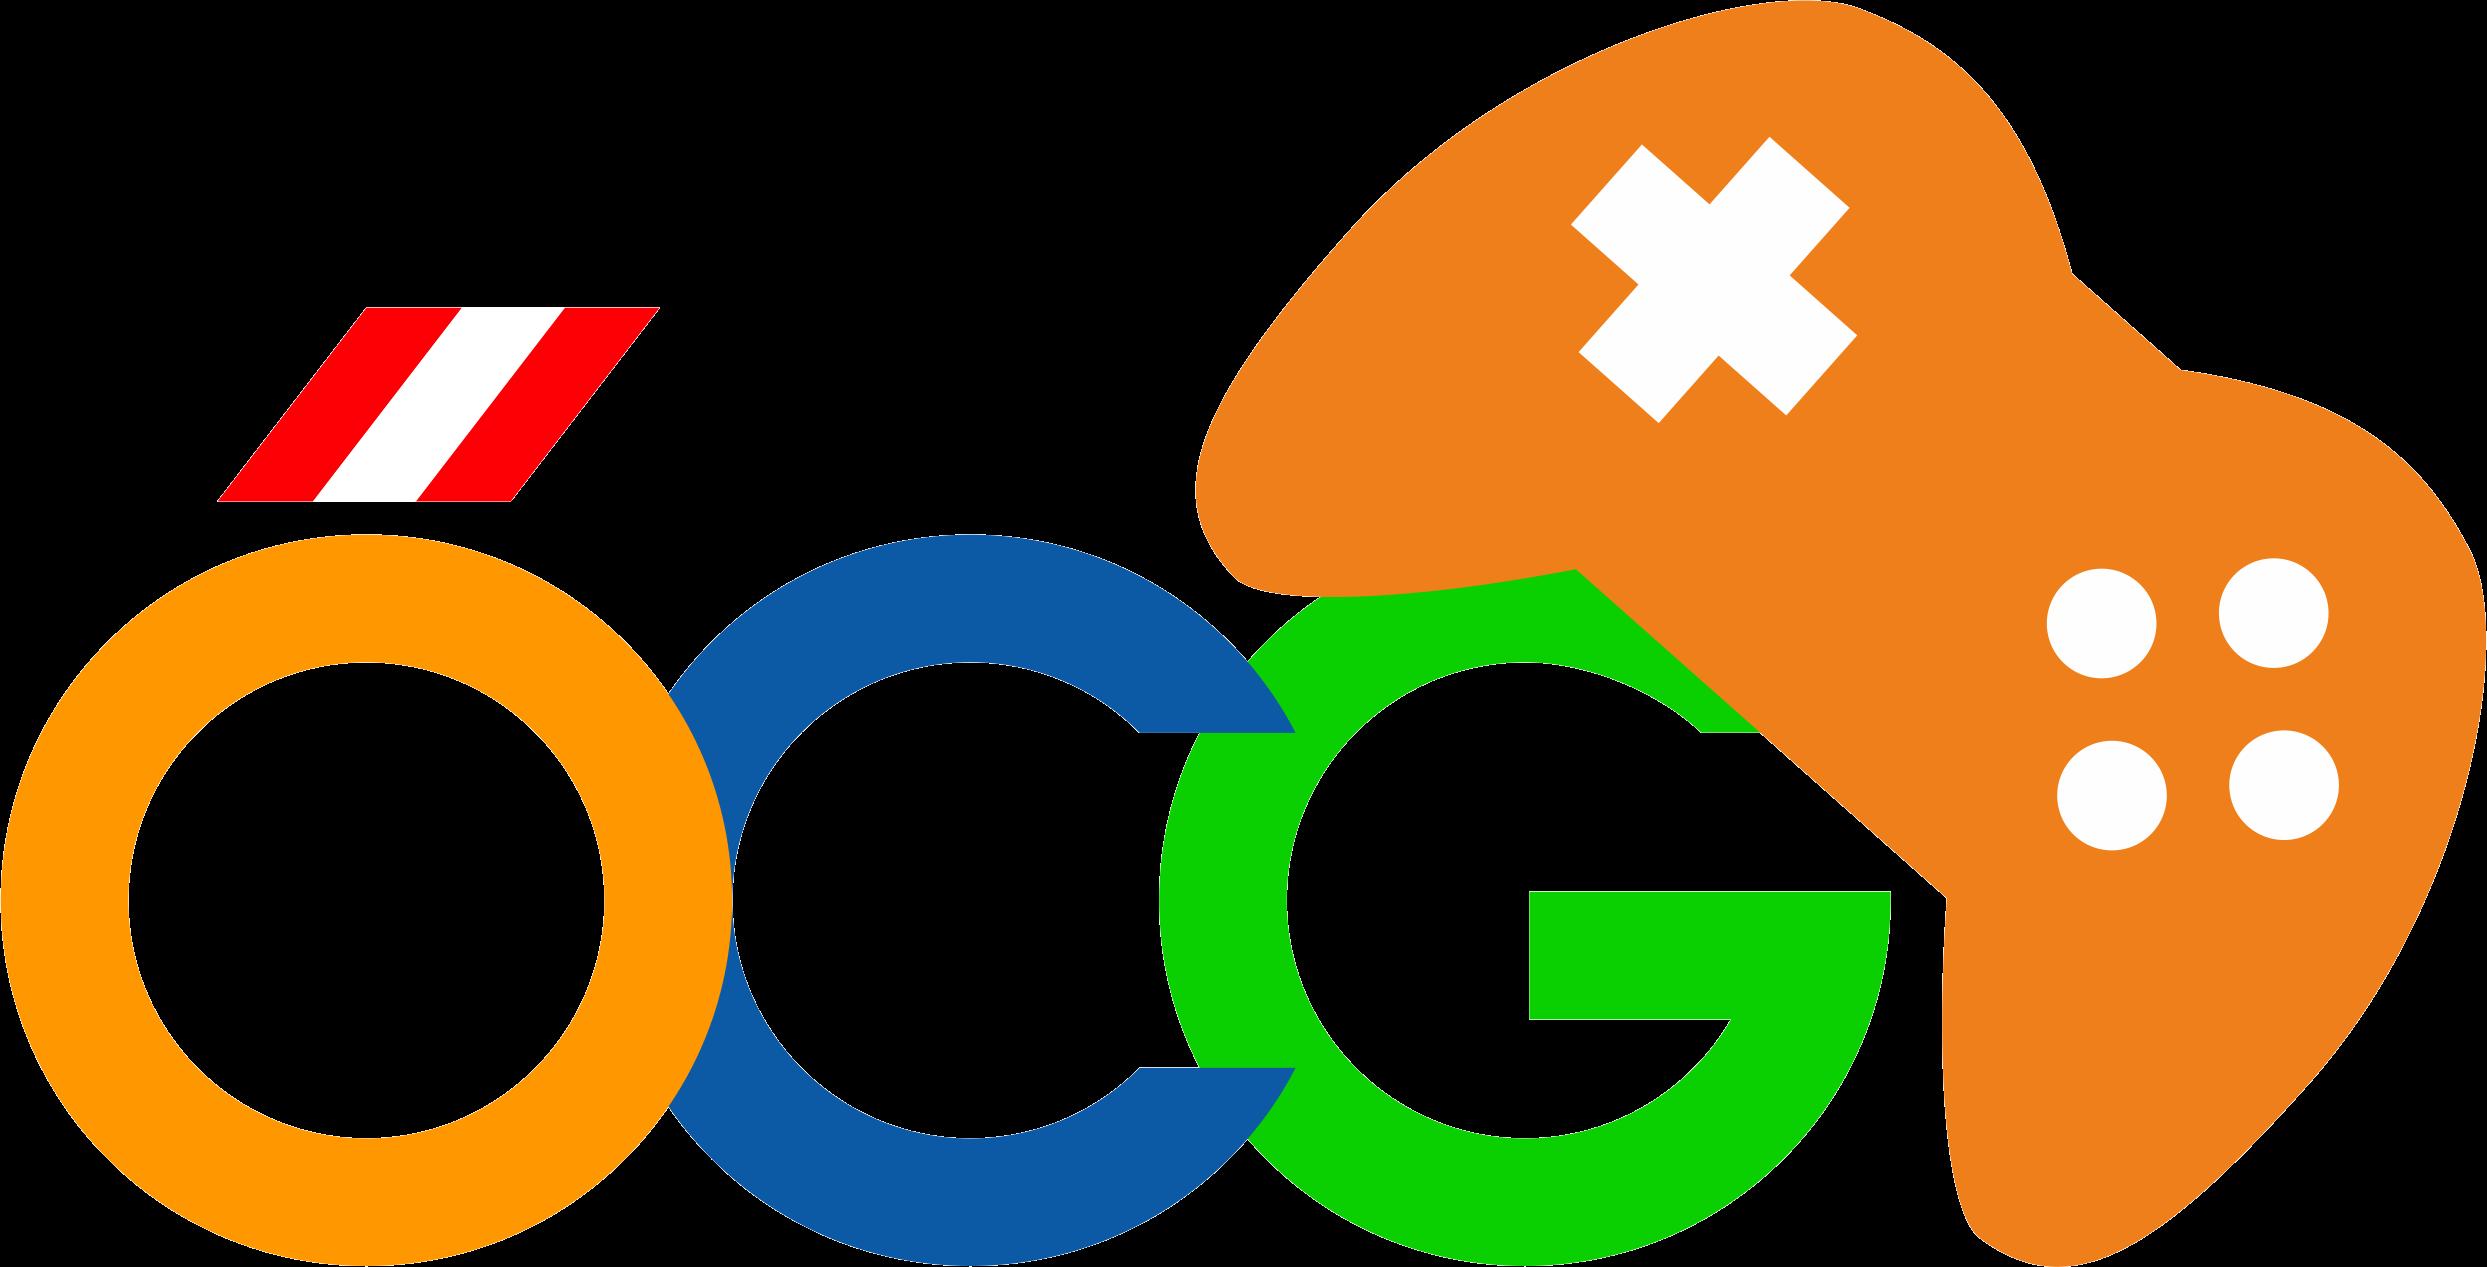 OECG.at